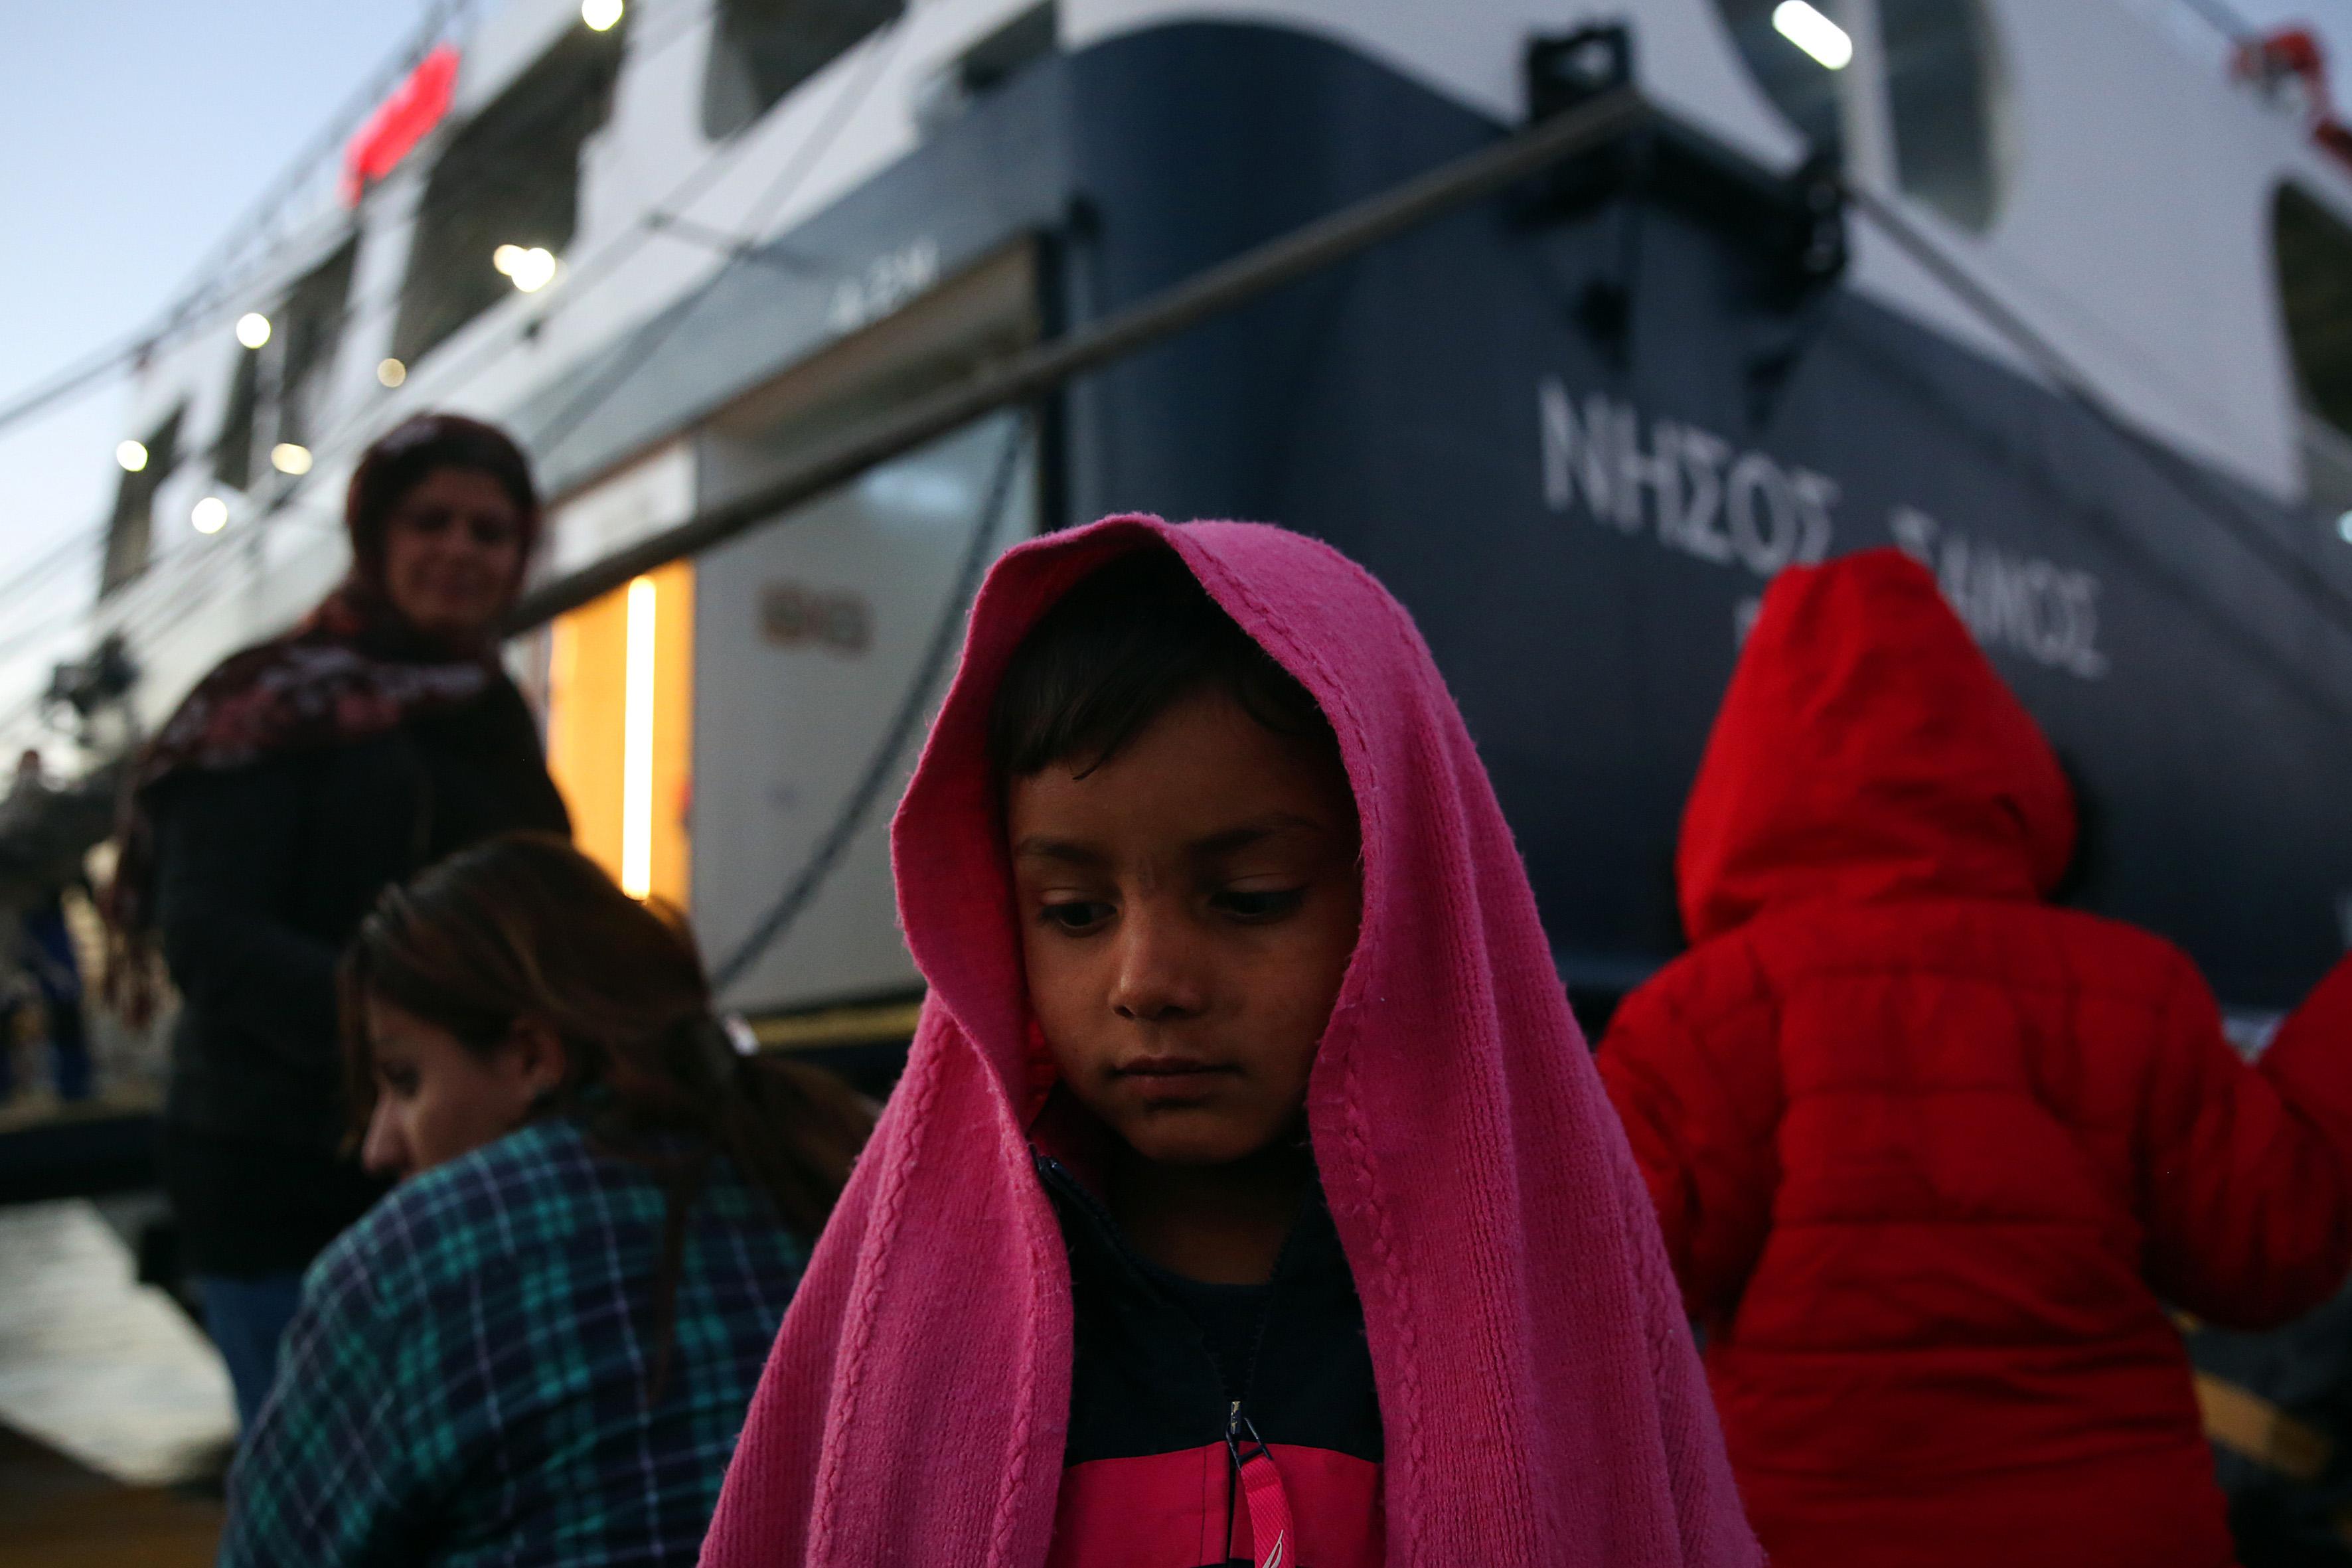 Αβραμόπουλος:  Απαράδεκτο κάποιες χώρες να μην δέχονται πρόσφυγες | tovima.gr